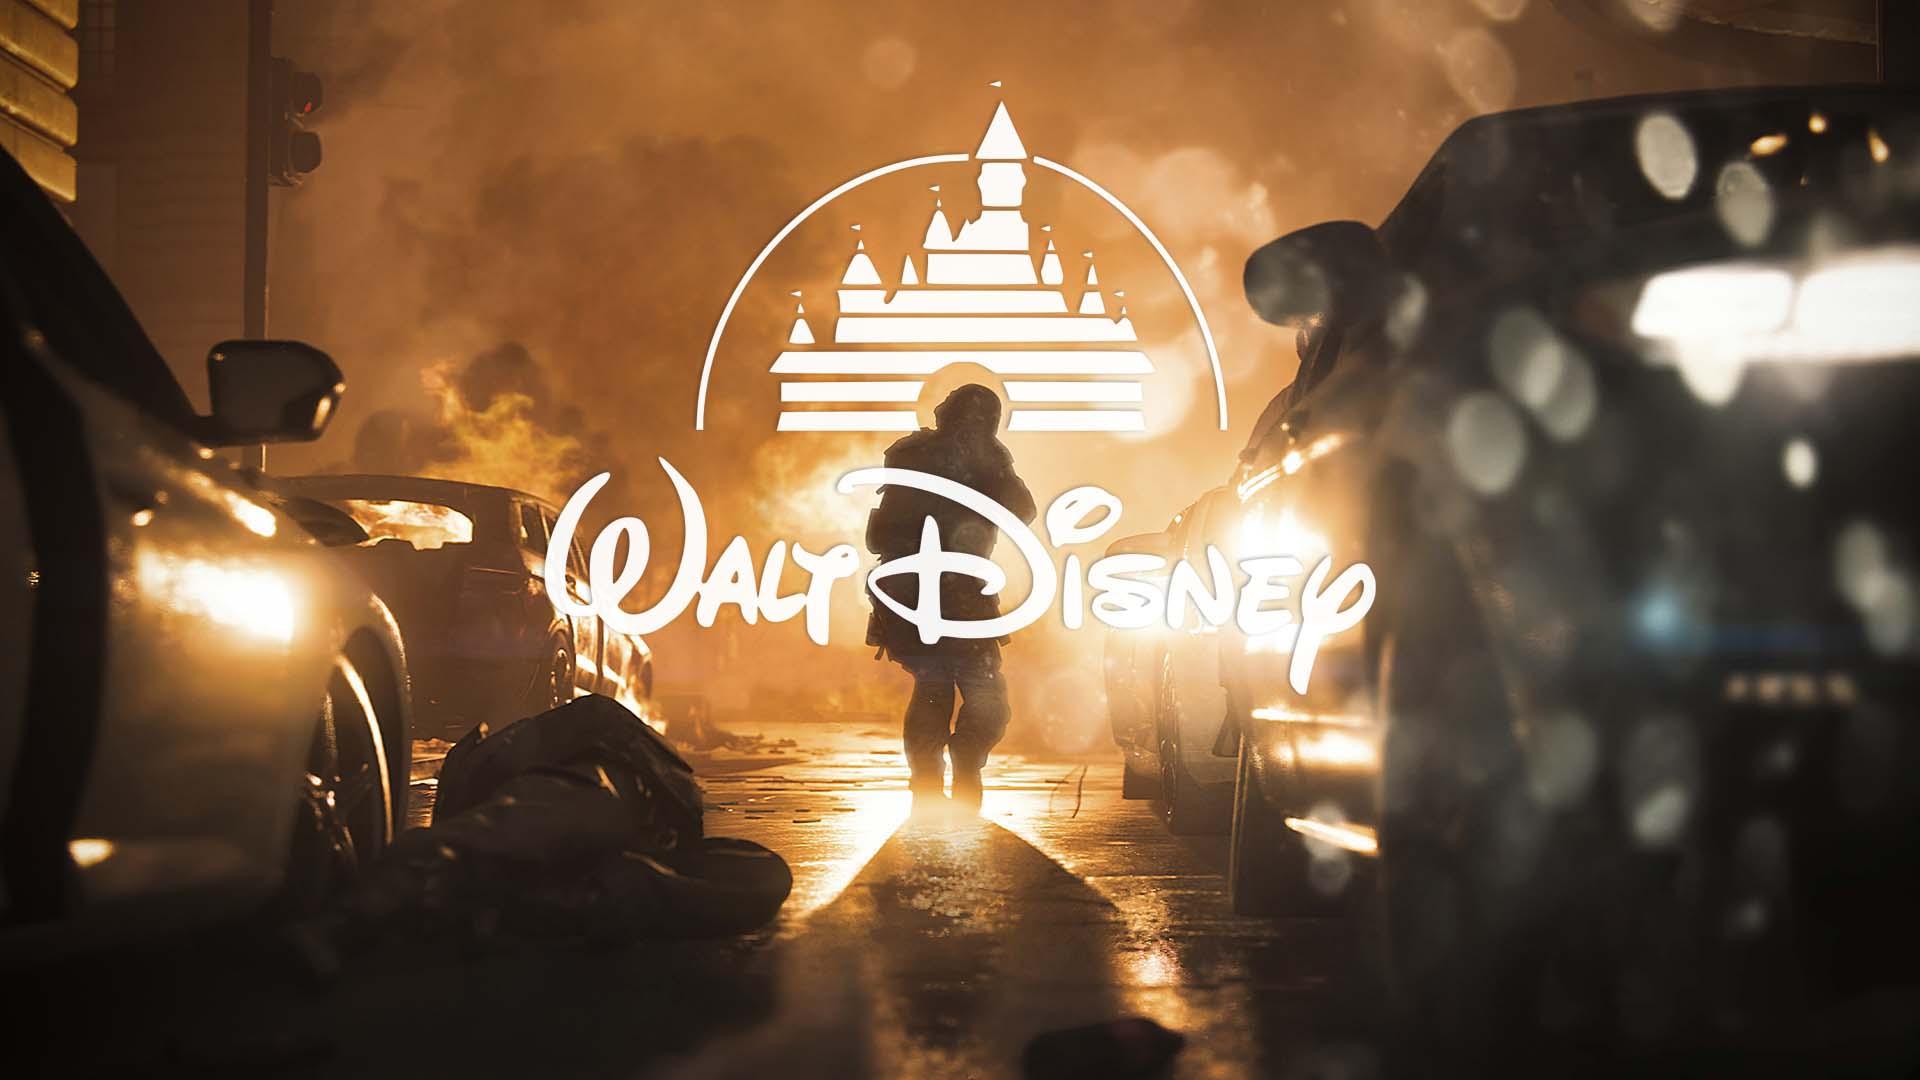 Empresa de investimentos da Disney quer adquirir a Activision